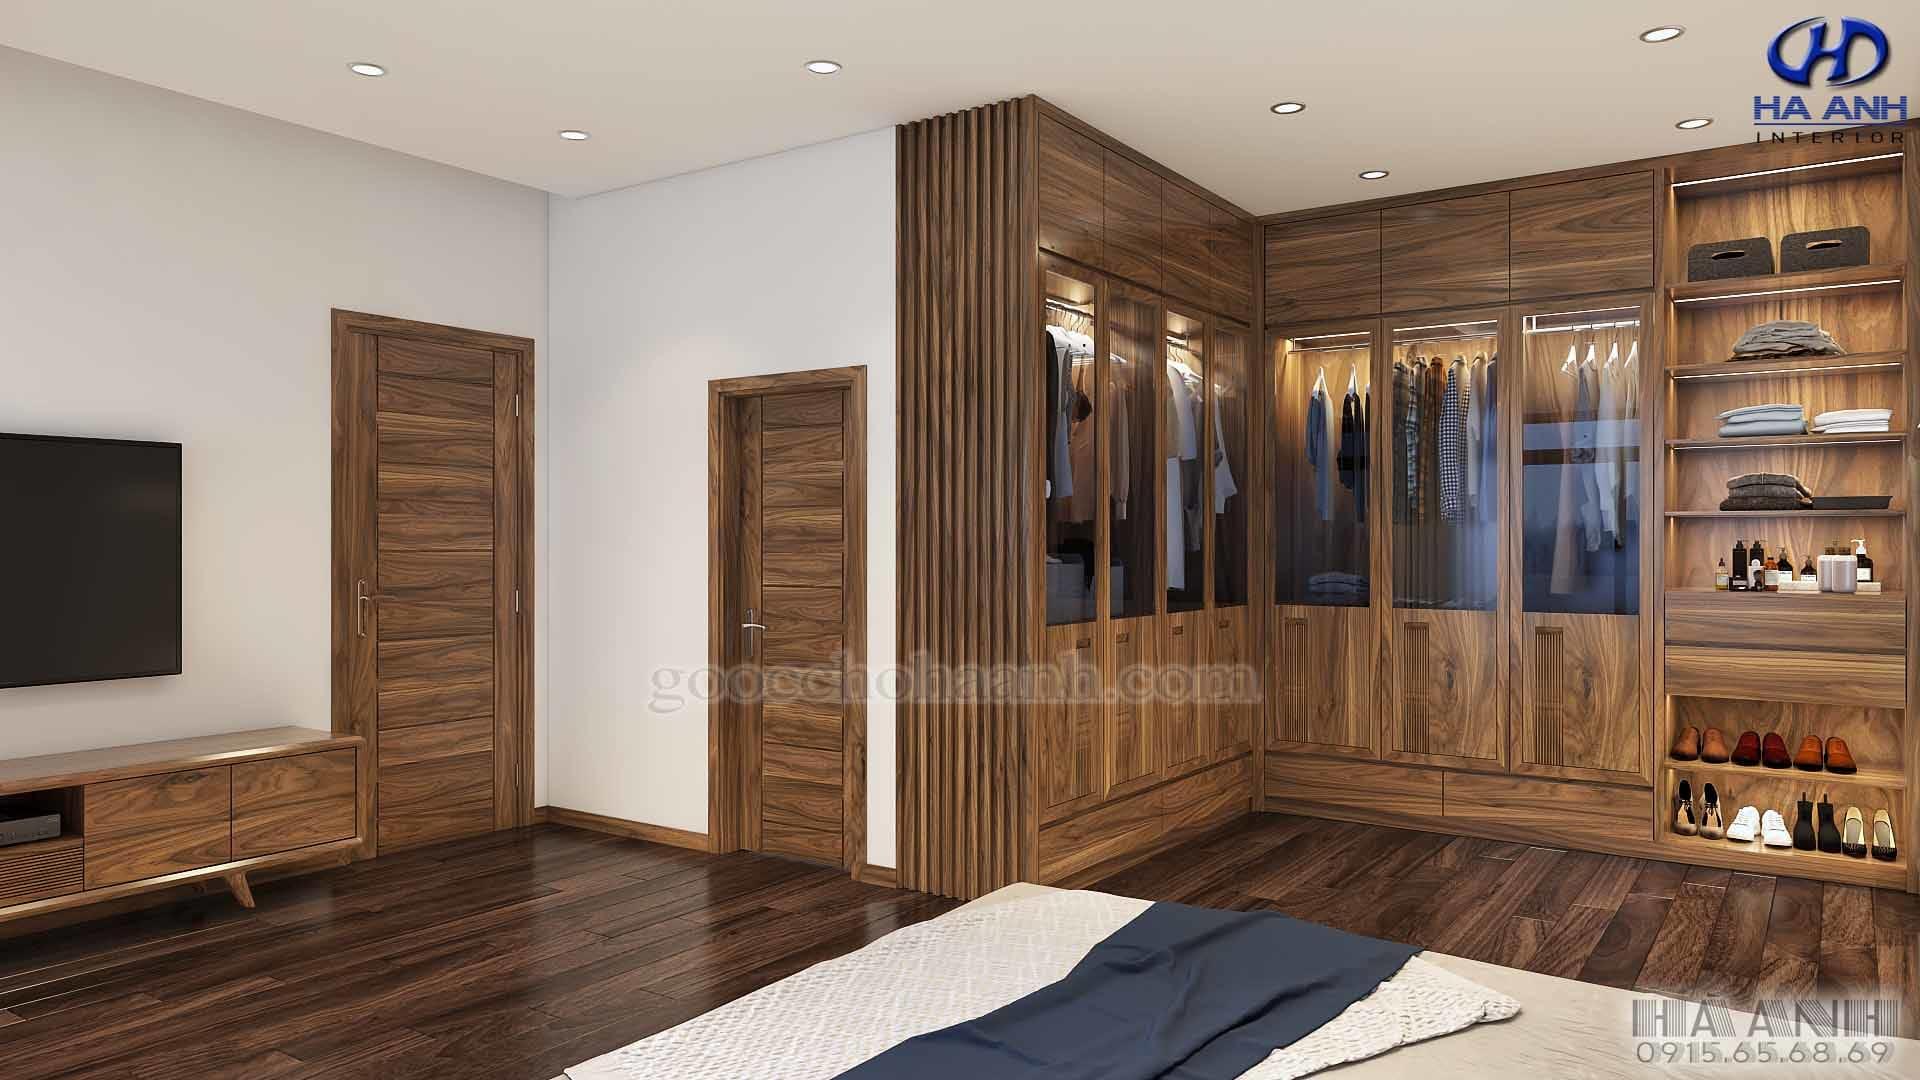 Nội thất gỗ óc chó nhà anh Long - Biệt Thự An Khánh